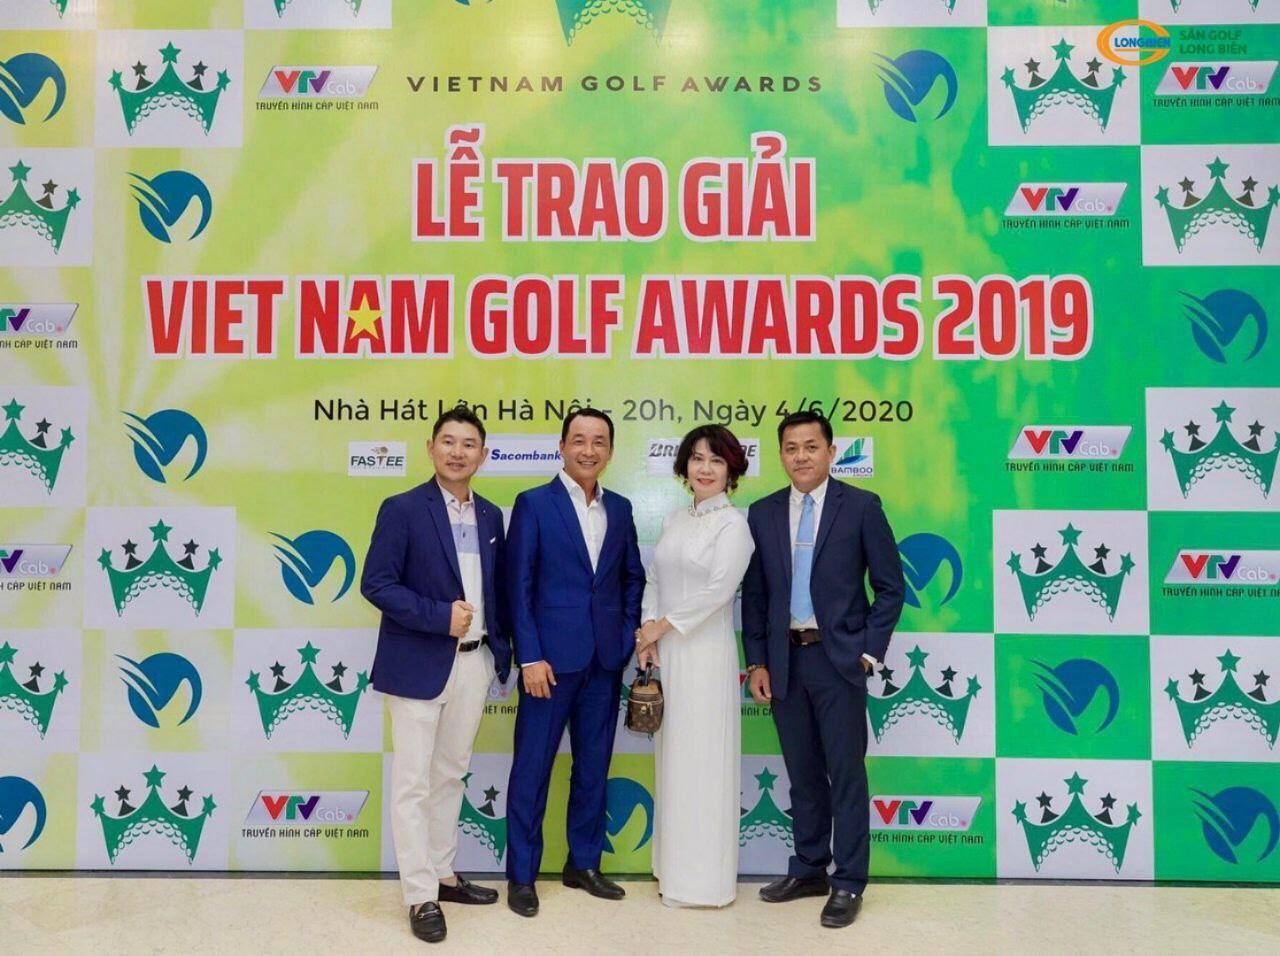 SÂN GOLF LONG BIÊN ĐƯỢC VINH DANH TẠI LỄ TRAO GIẢI VIỆT NAM GOLF AWARDS 2019